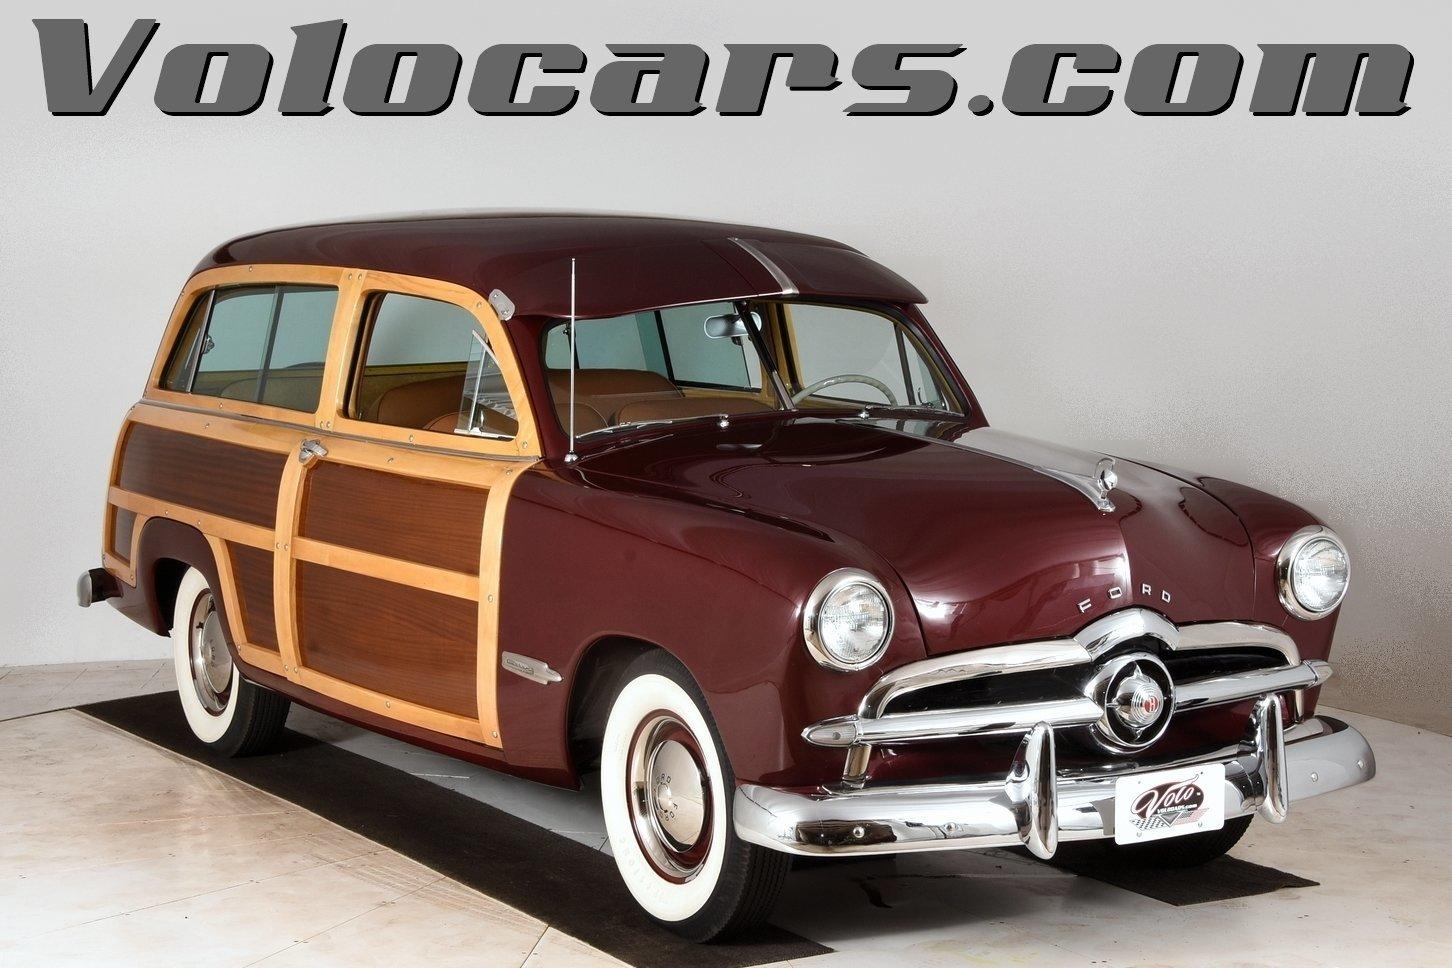 1949 Ford Woody Volo Auto Museum 2 Door Hardtop